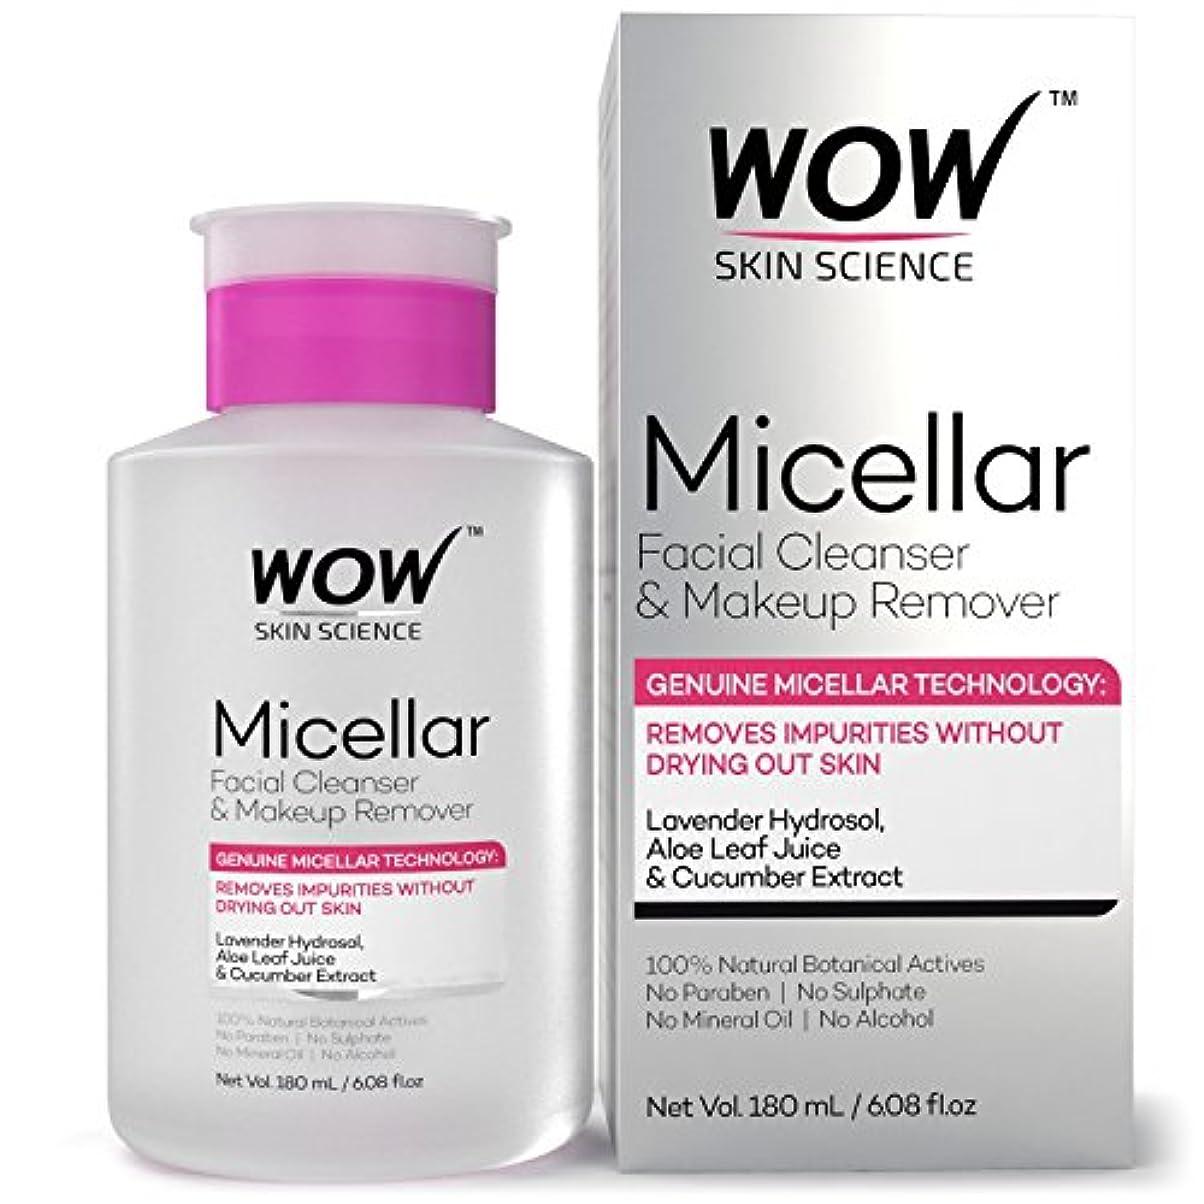 アベニューピンク断片WOW Micellar Facial Cleanser & Make Up Remover No Parabens, Sulphates, Mineral Oil, Alcohol & Synthetic Fragrance...